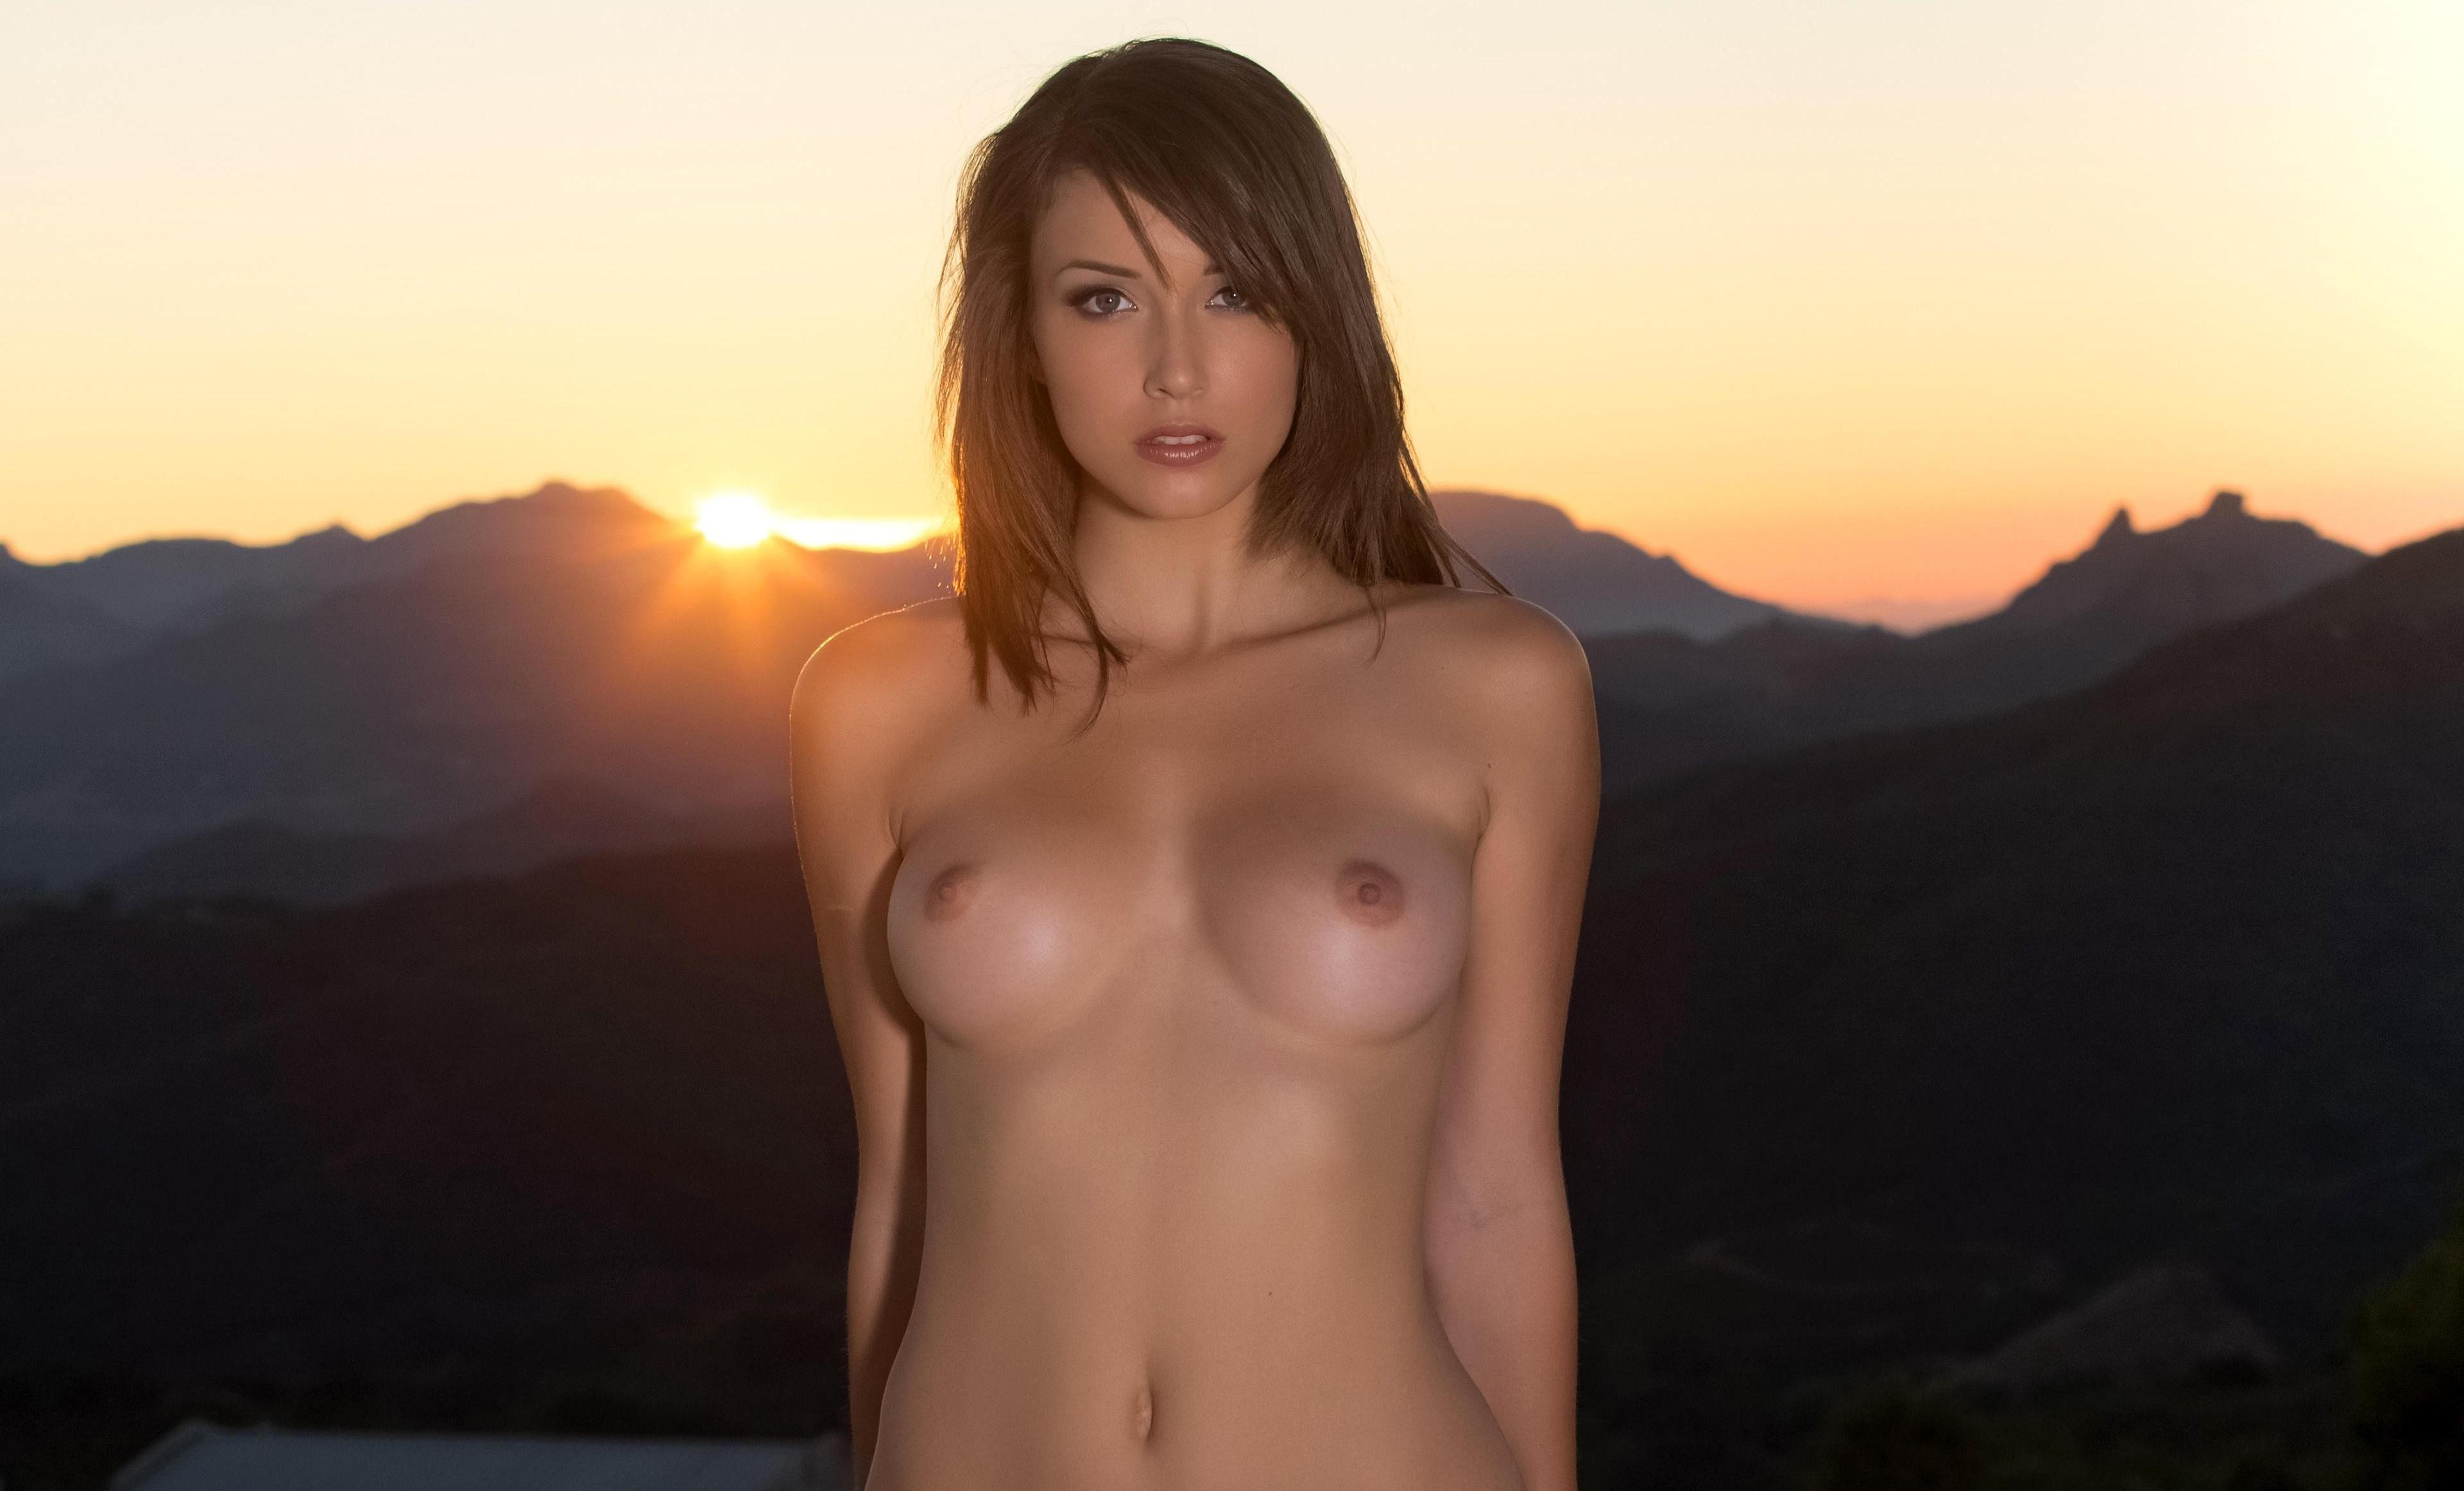 Perfect nude girl hd